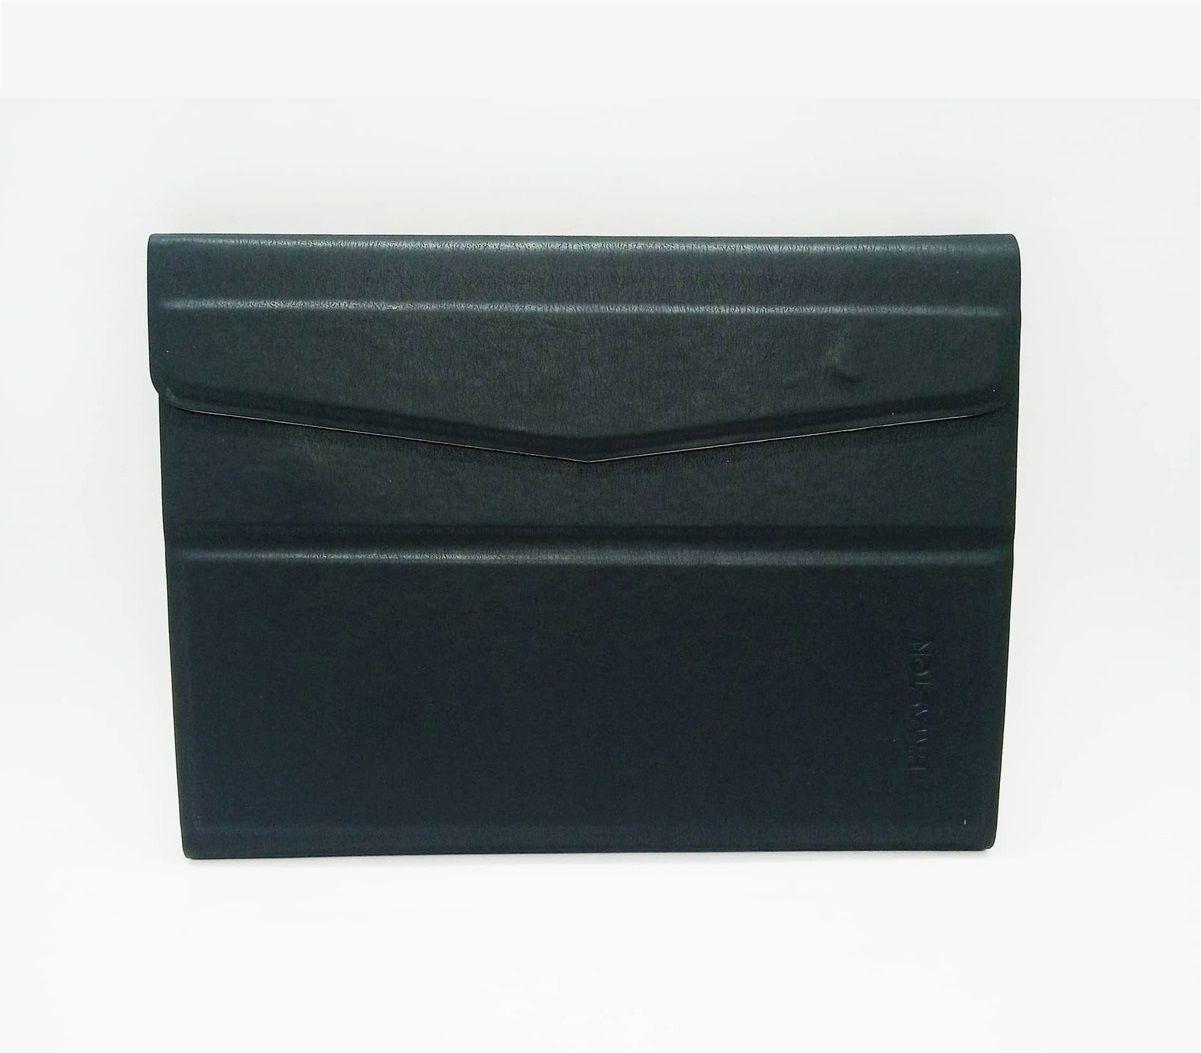 Capa Case Para Tablet 7 Polegadas Universal Com Fecho Preto